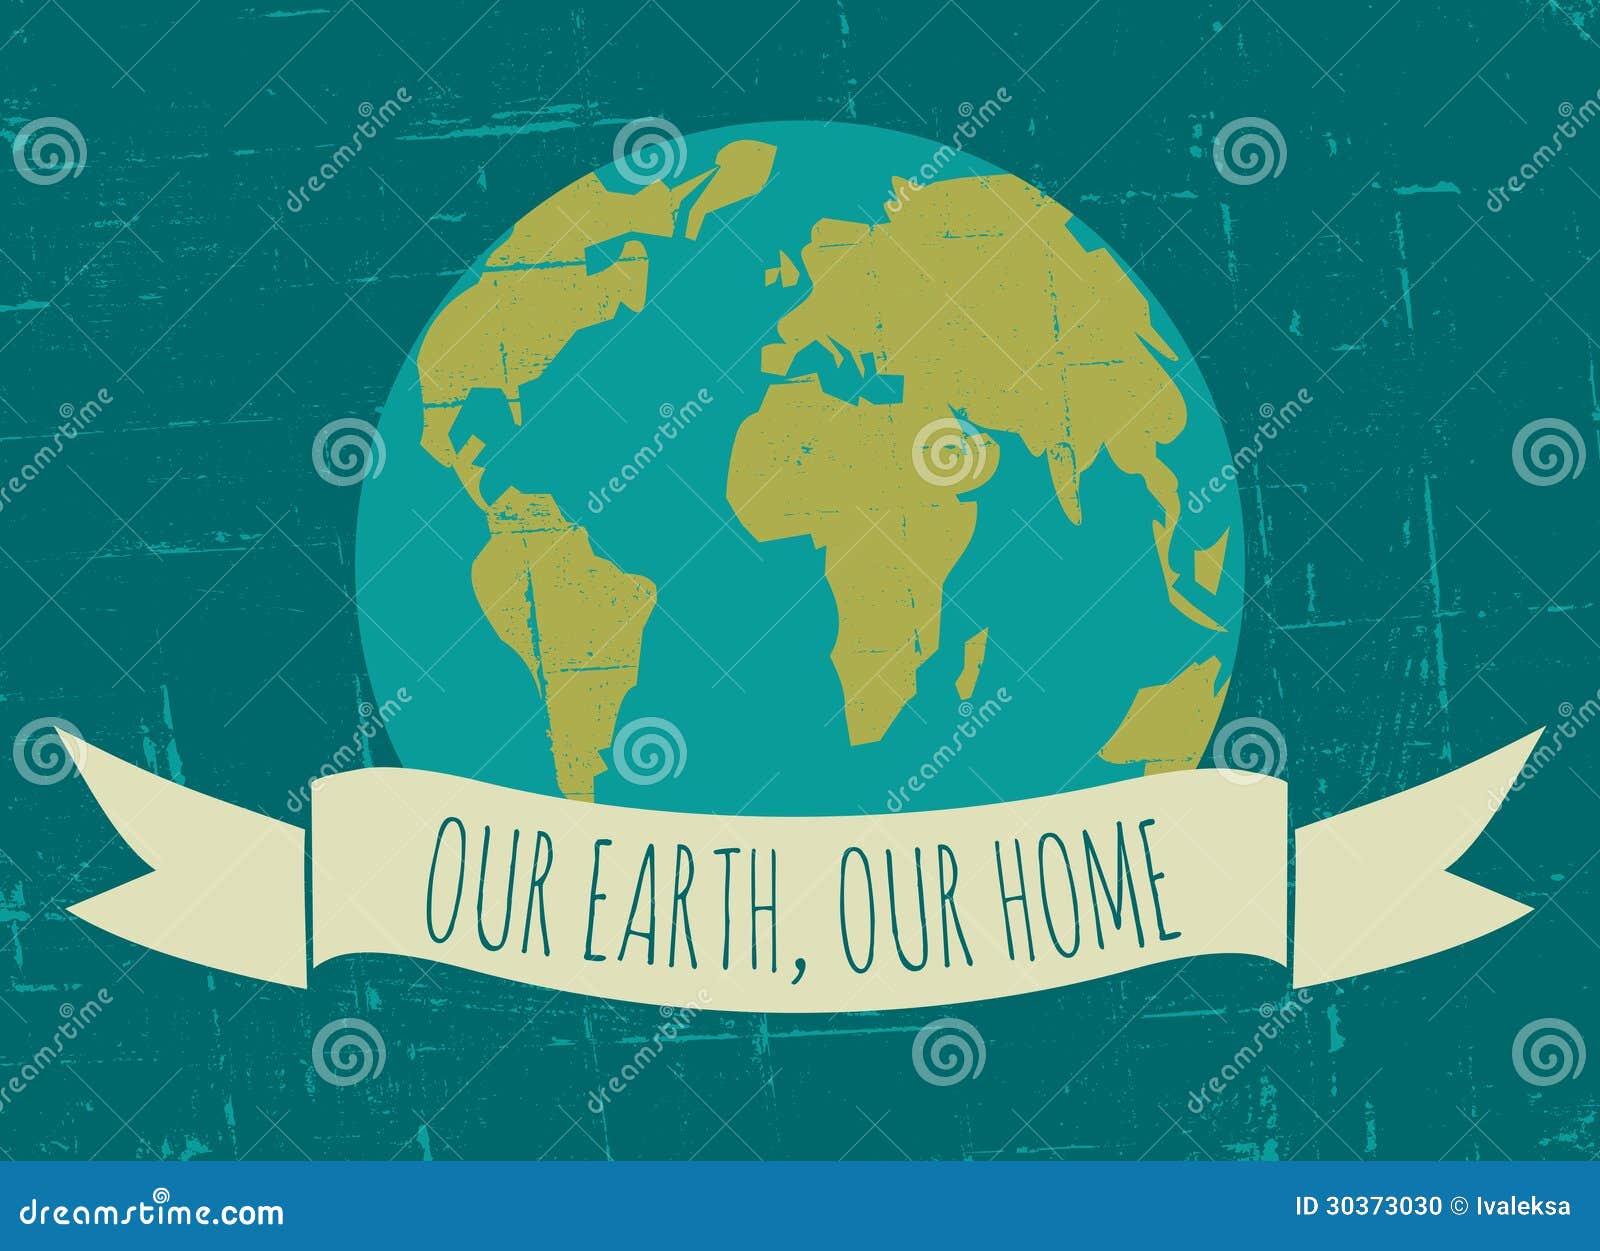 Tag der Erde-Plakat